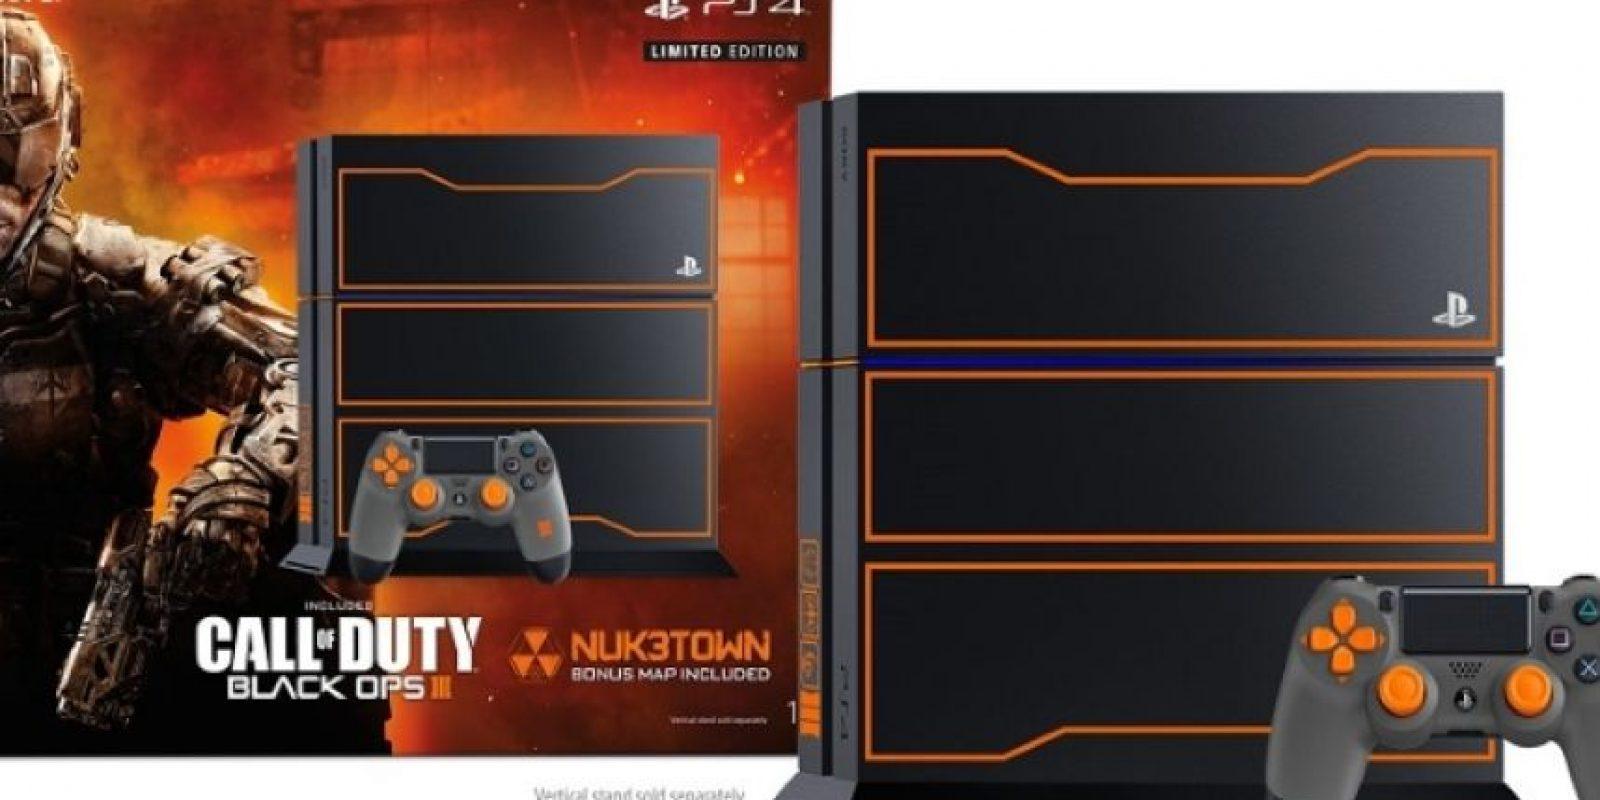 Paquete Limited Edition Call of Duty: Black Ops III PS4 de 1TB quedó en 429 dólares. Foto:Sony